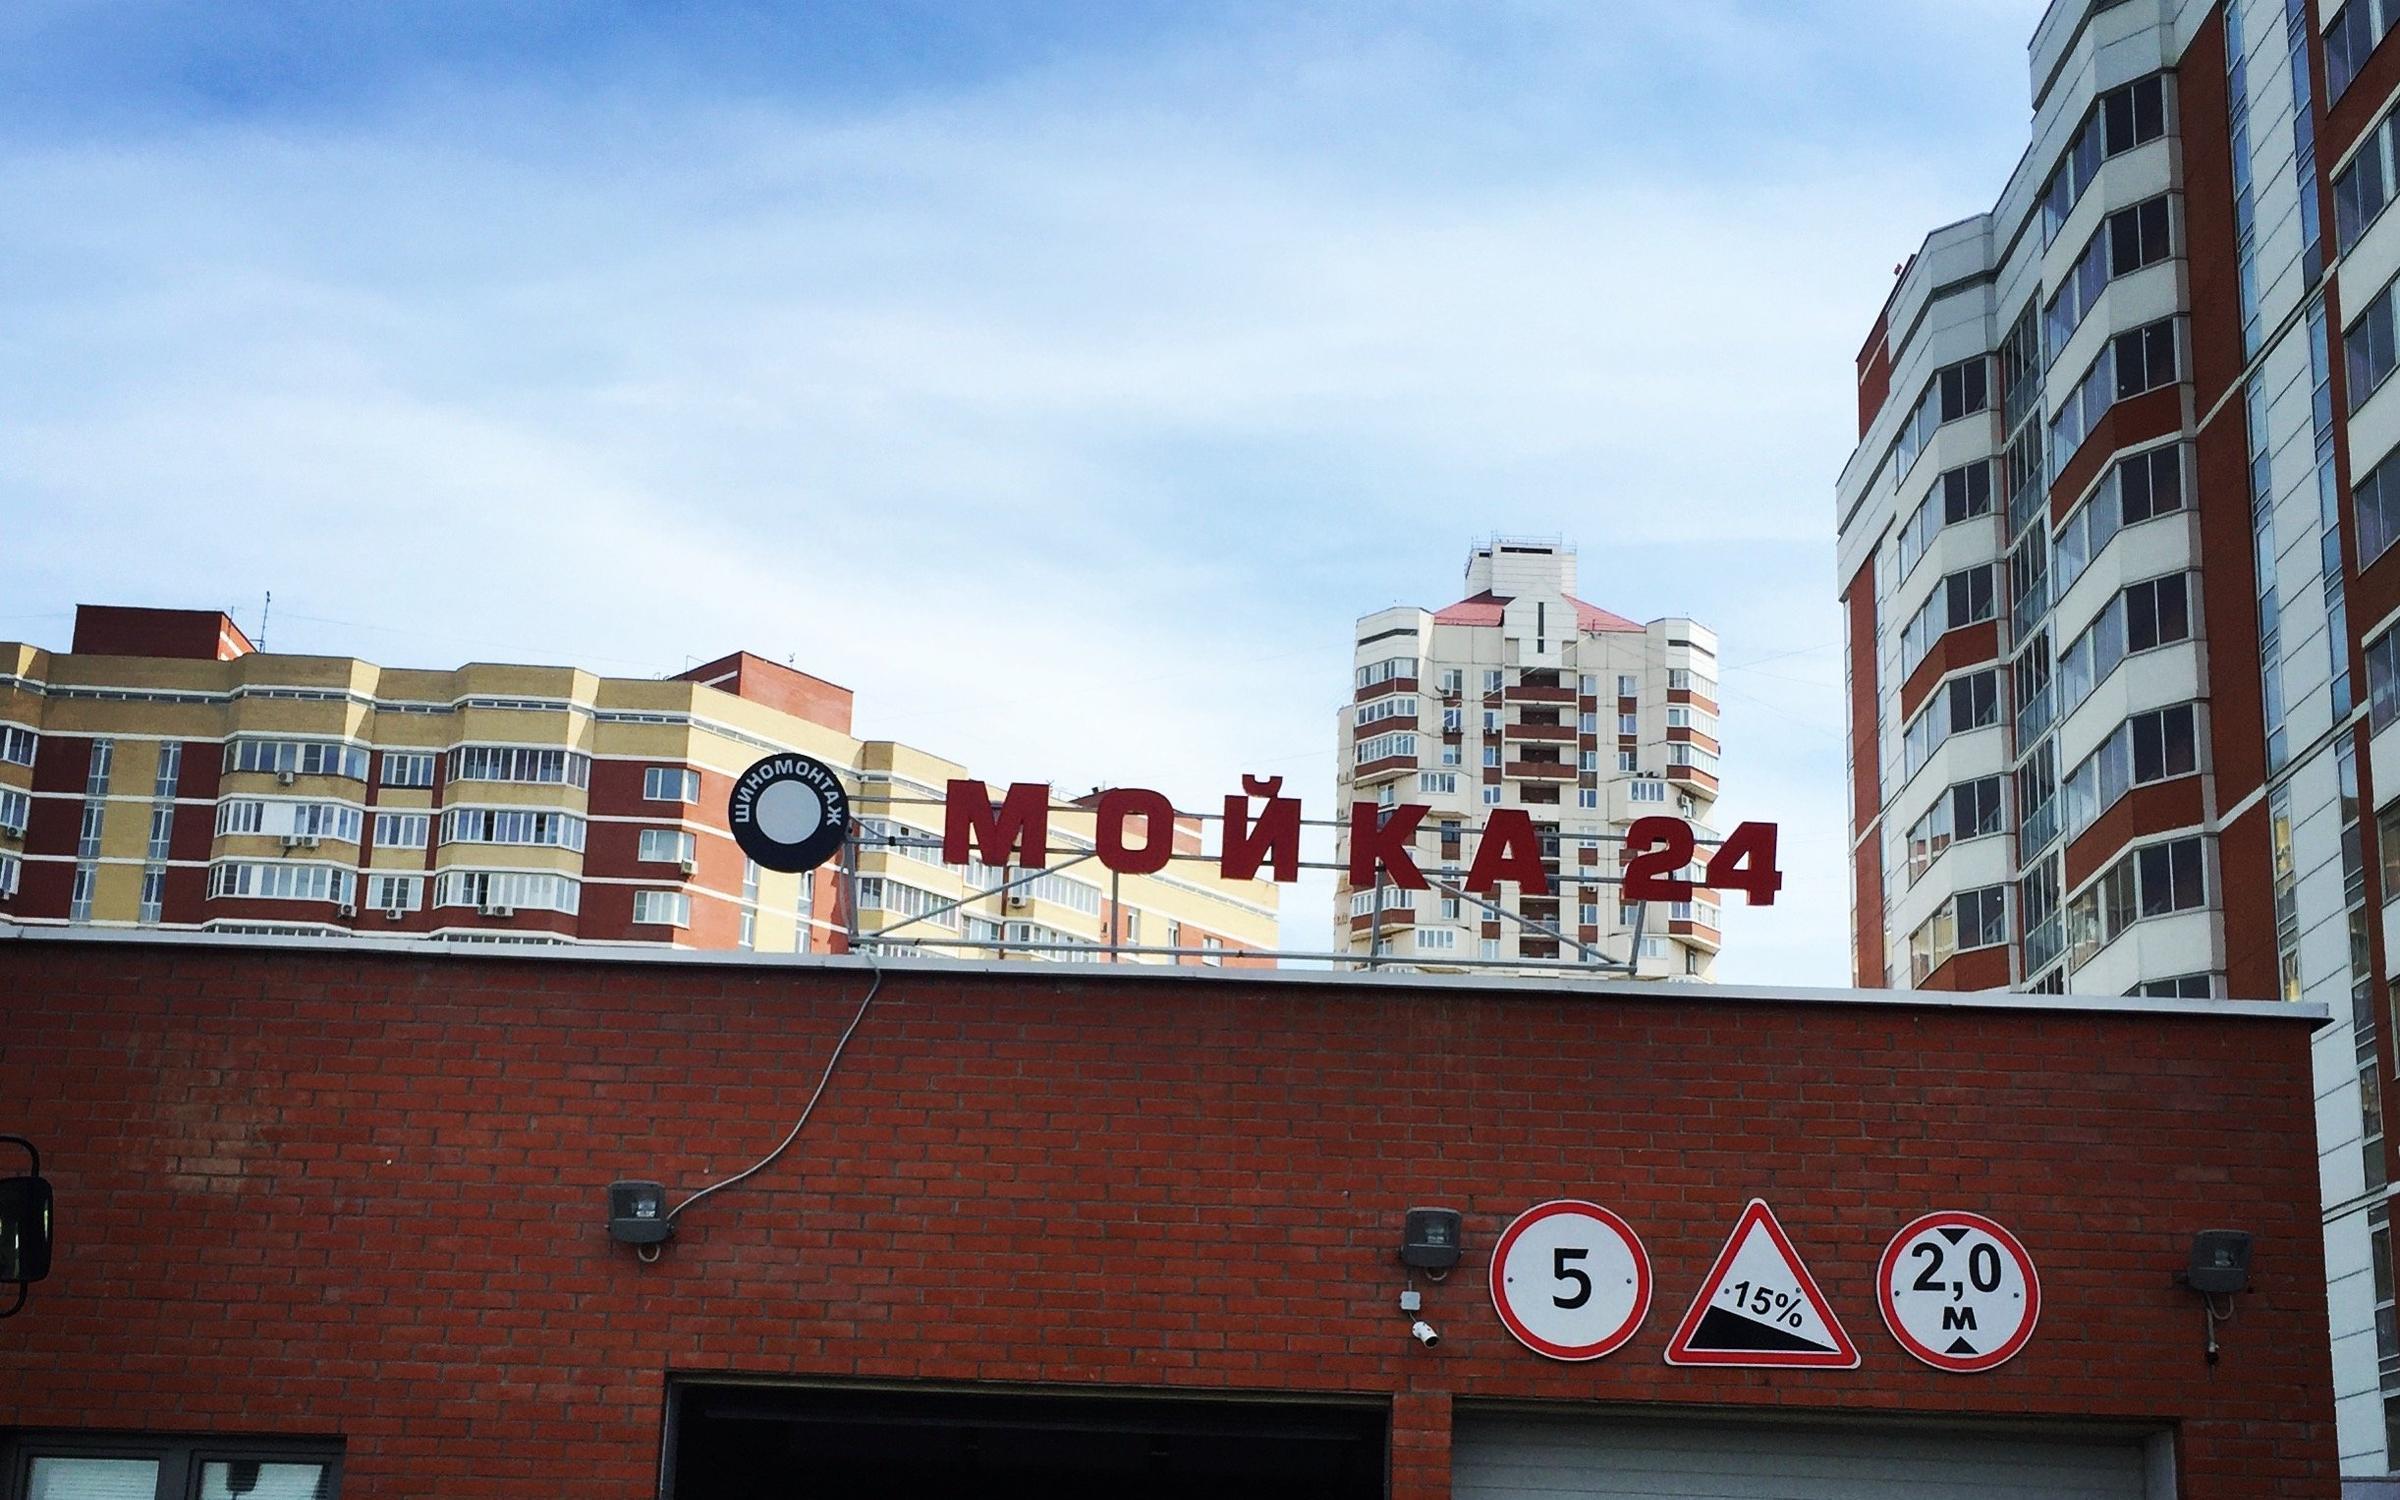 фотография Студия чистоты 600 seconds на Мосфильмовской улице, 53